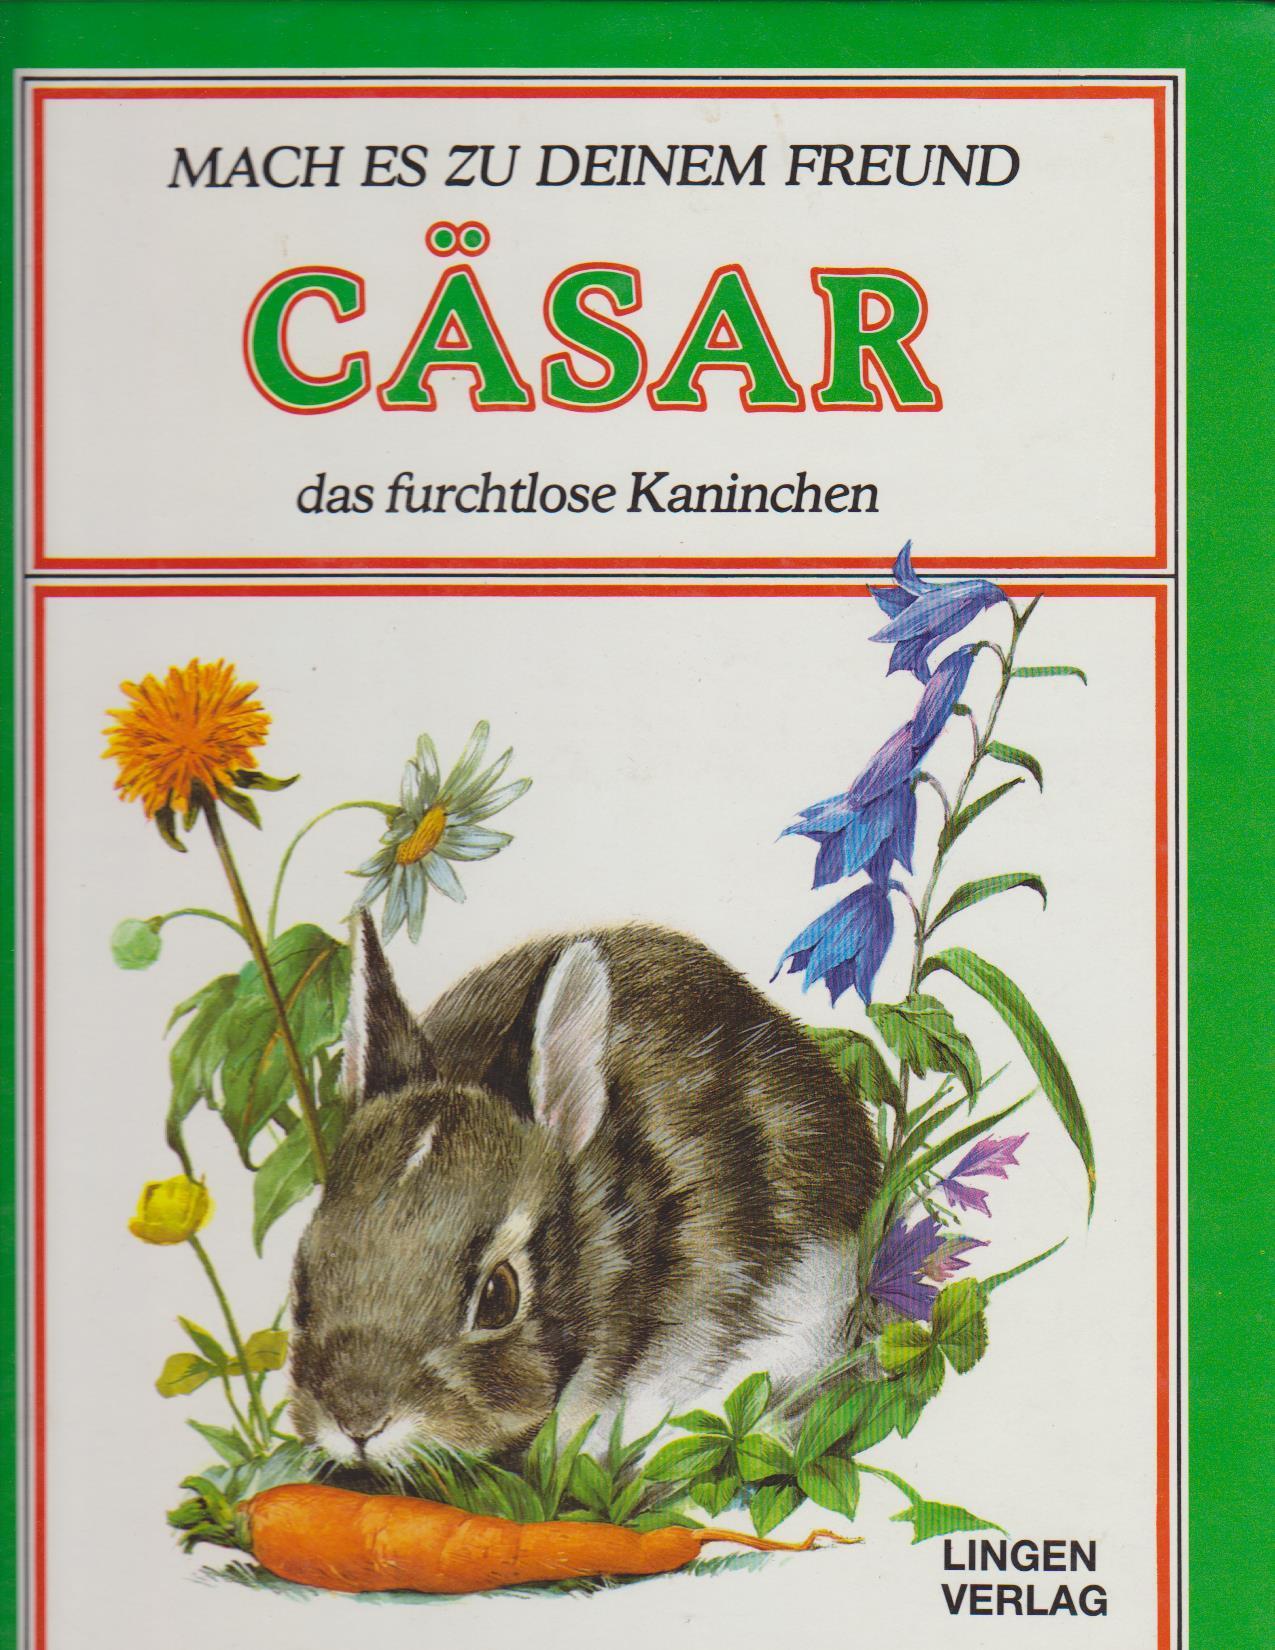 Cäsar, das furchtlose Kaninchen / [Ill.: Nemo. Dt. Adaptation: Hanny Bezzola-Kung] / Mach es zu deinem Freund